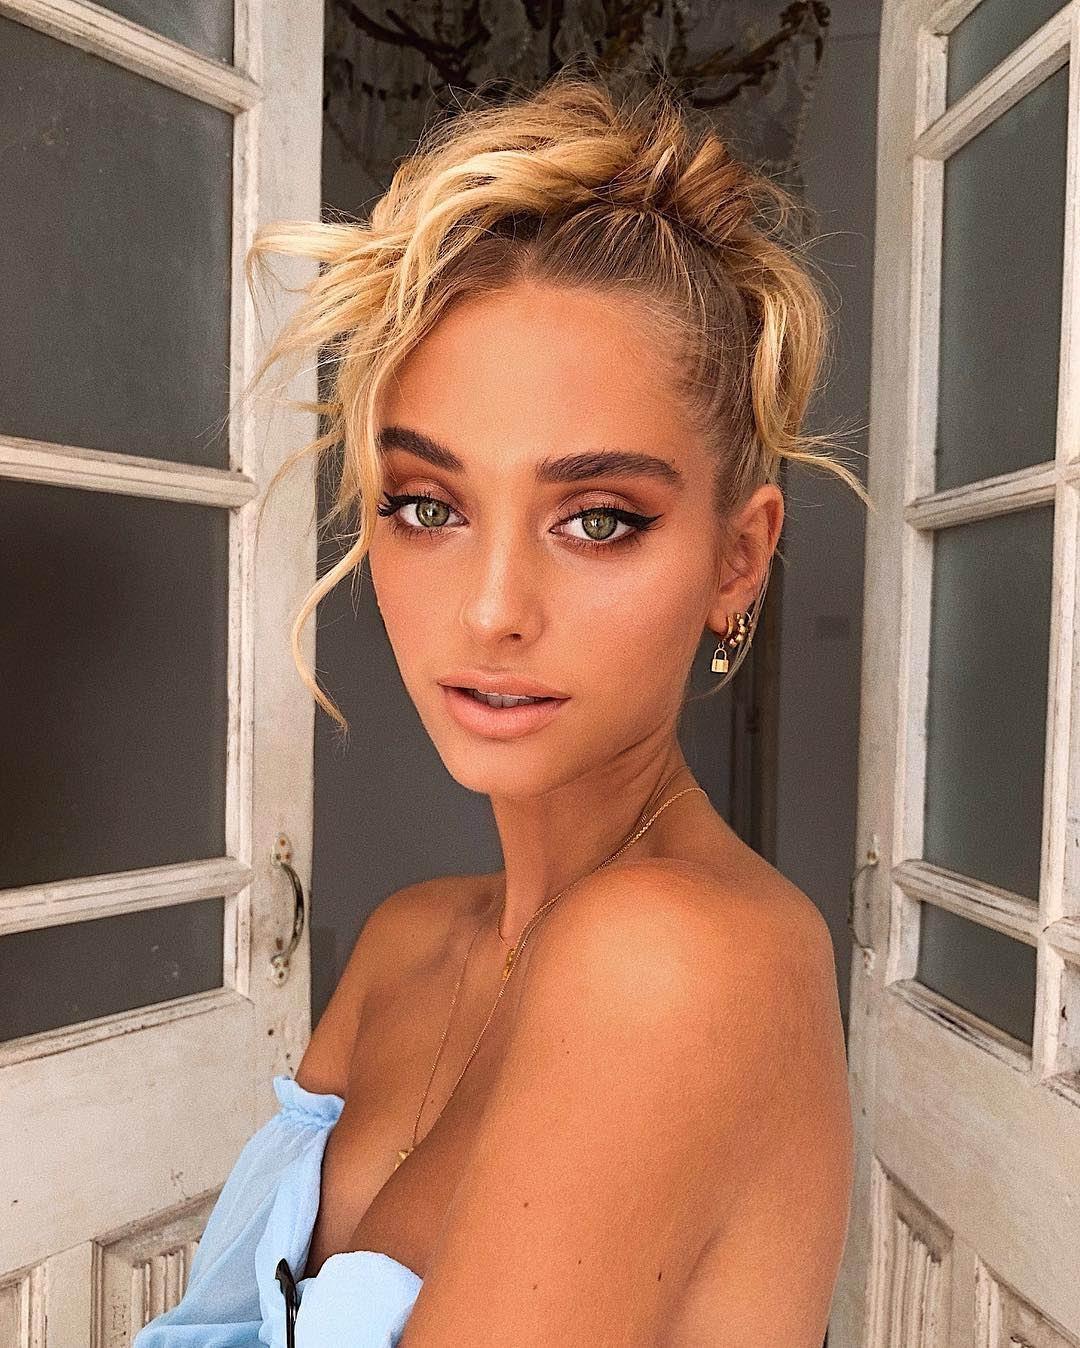 Model Hanna